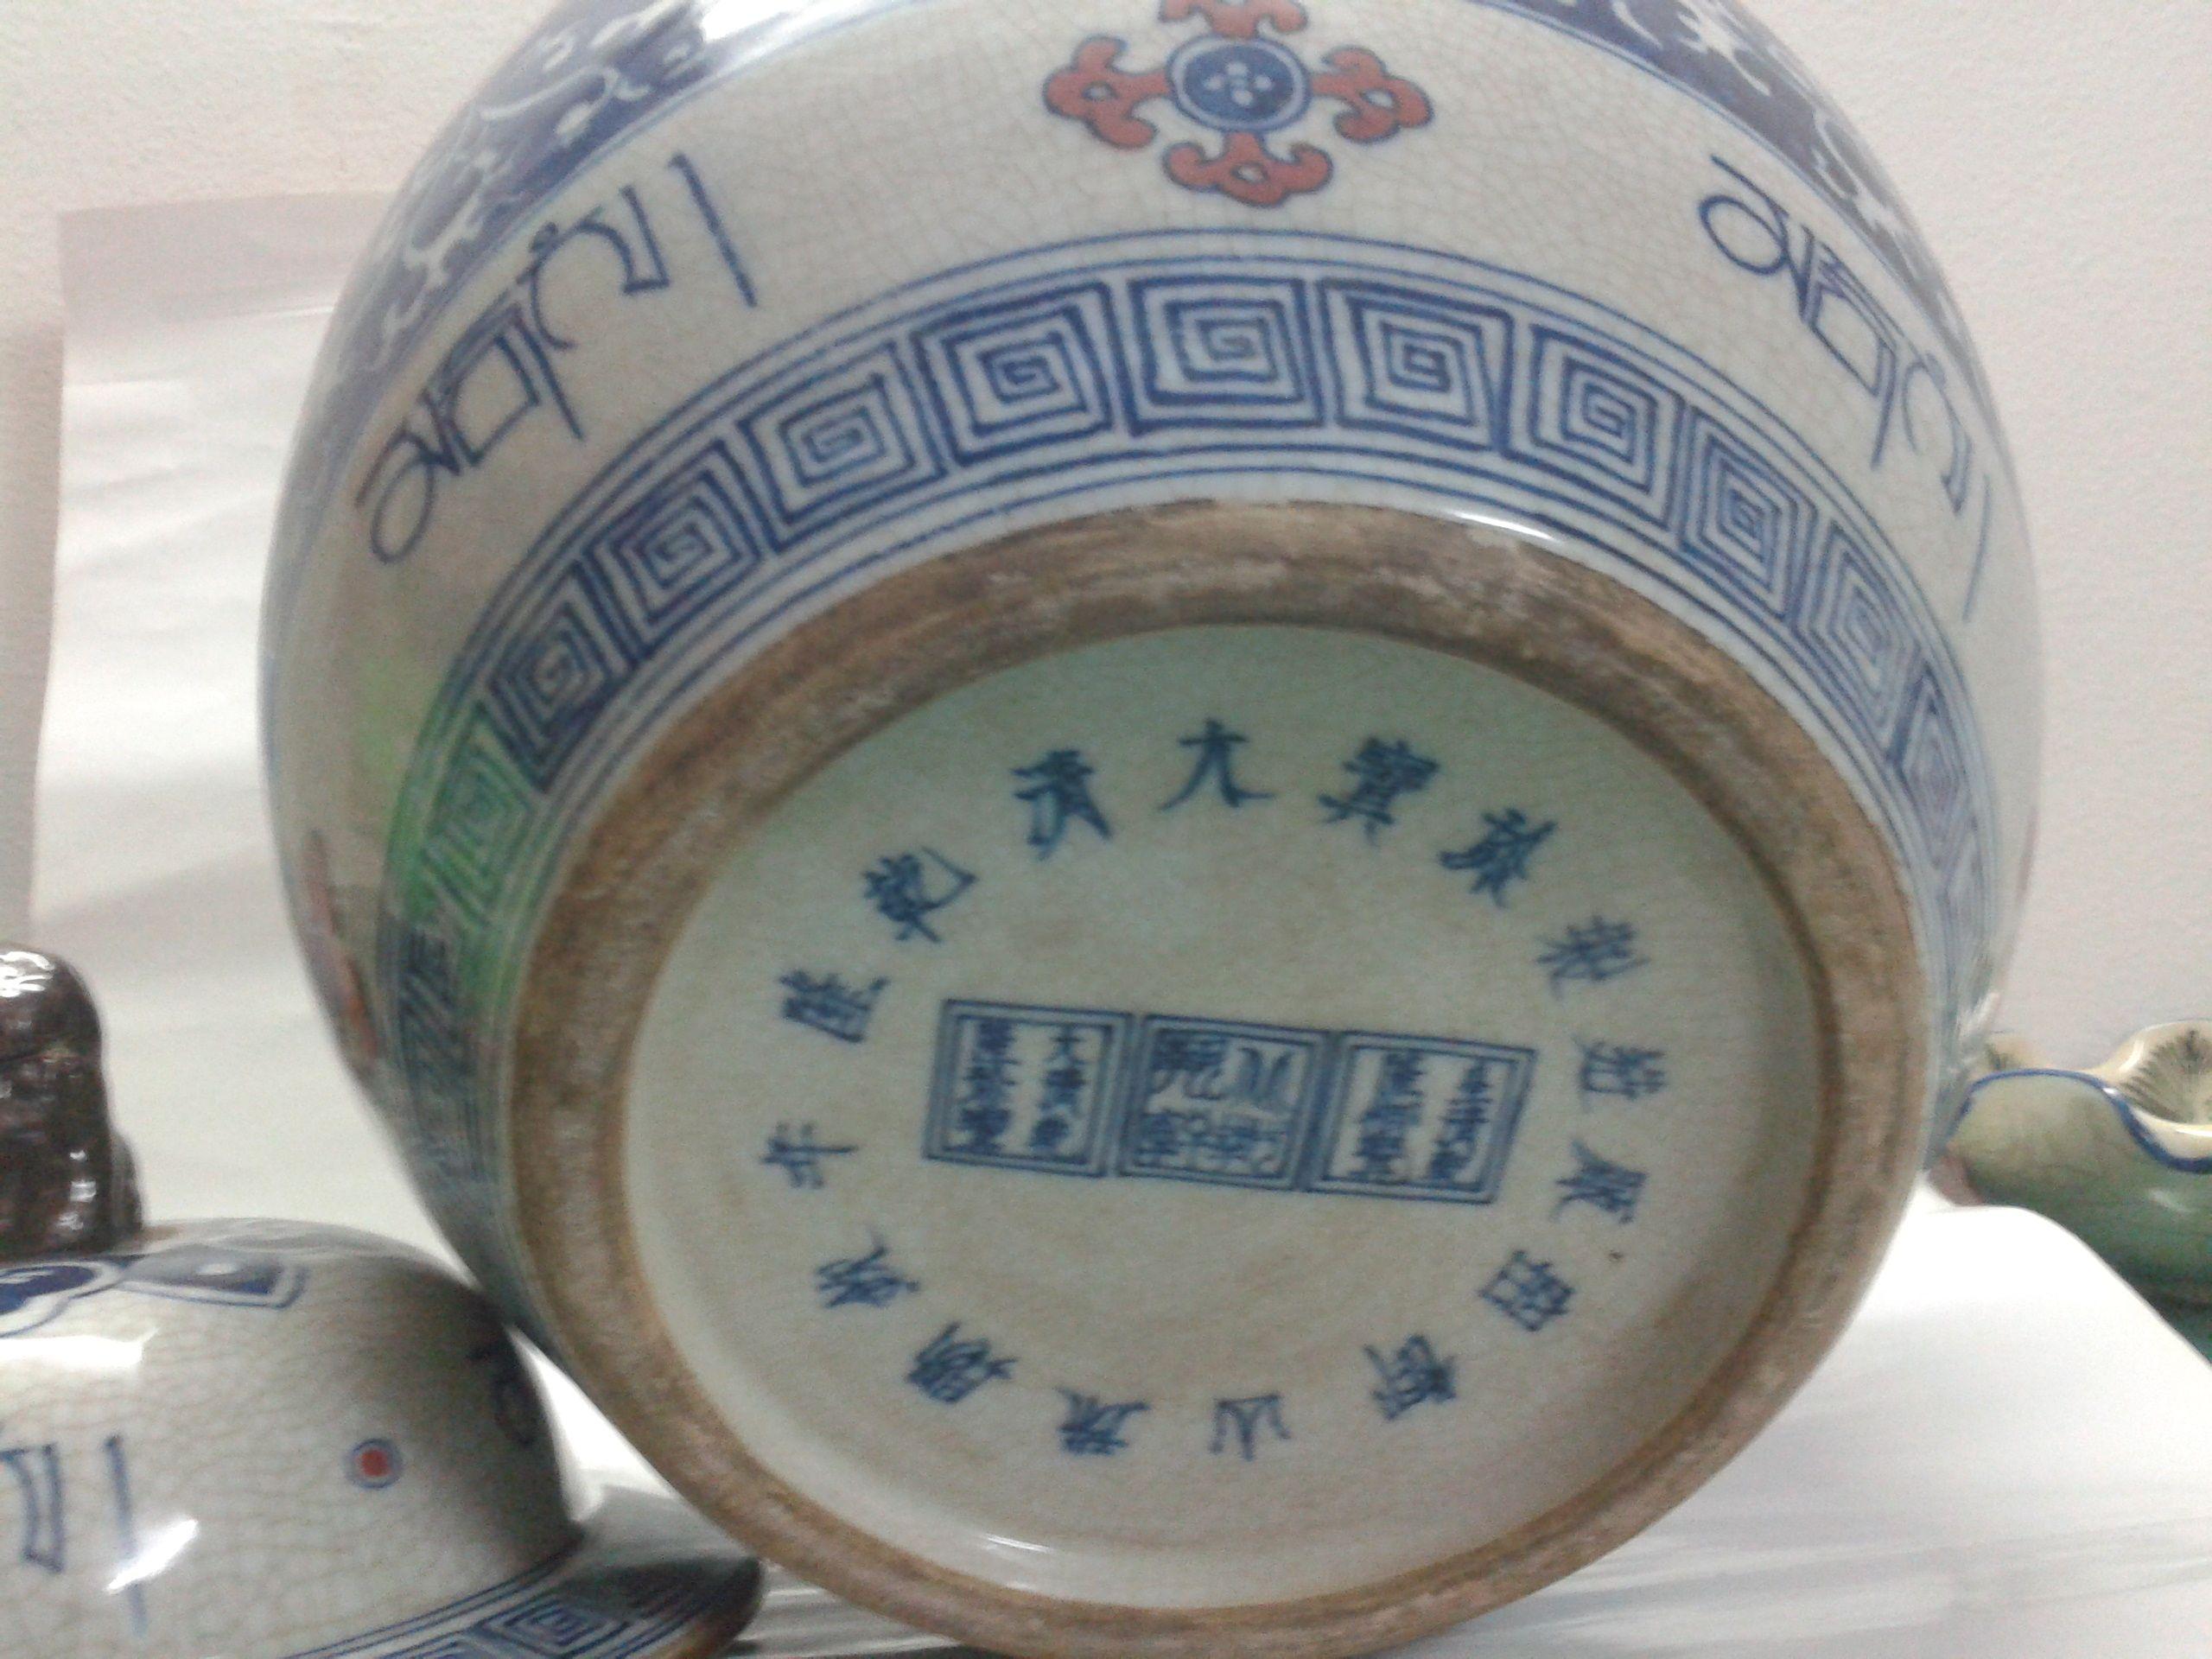 帮忙鉴定下这款大清乾隆青花瓷罐真假及价值高清图片